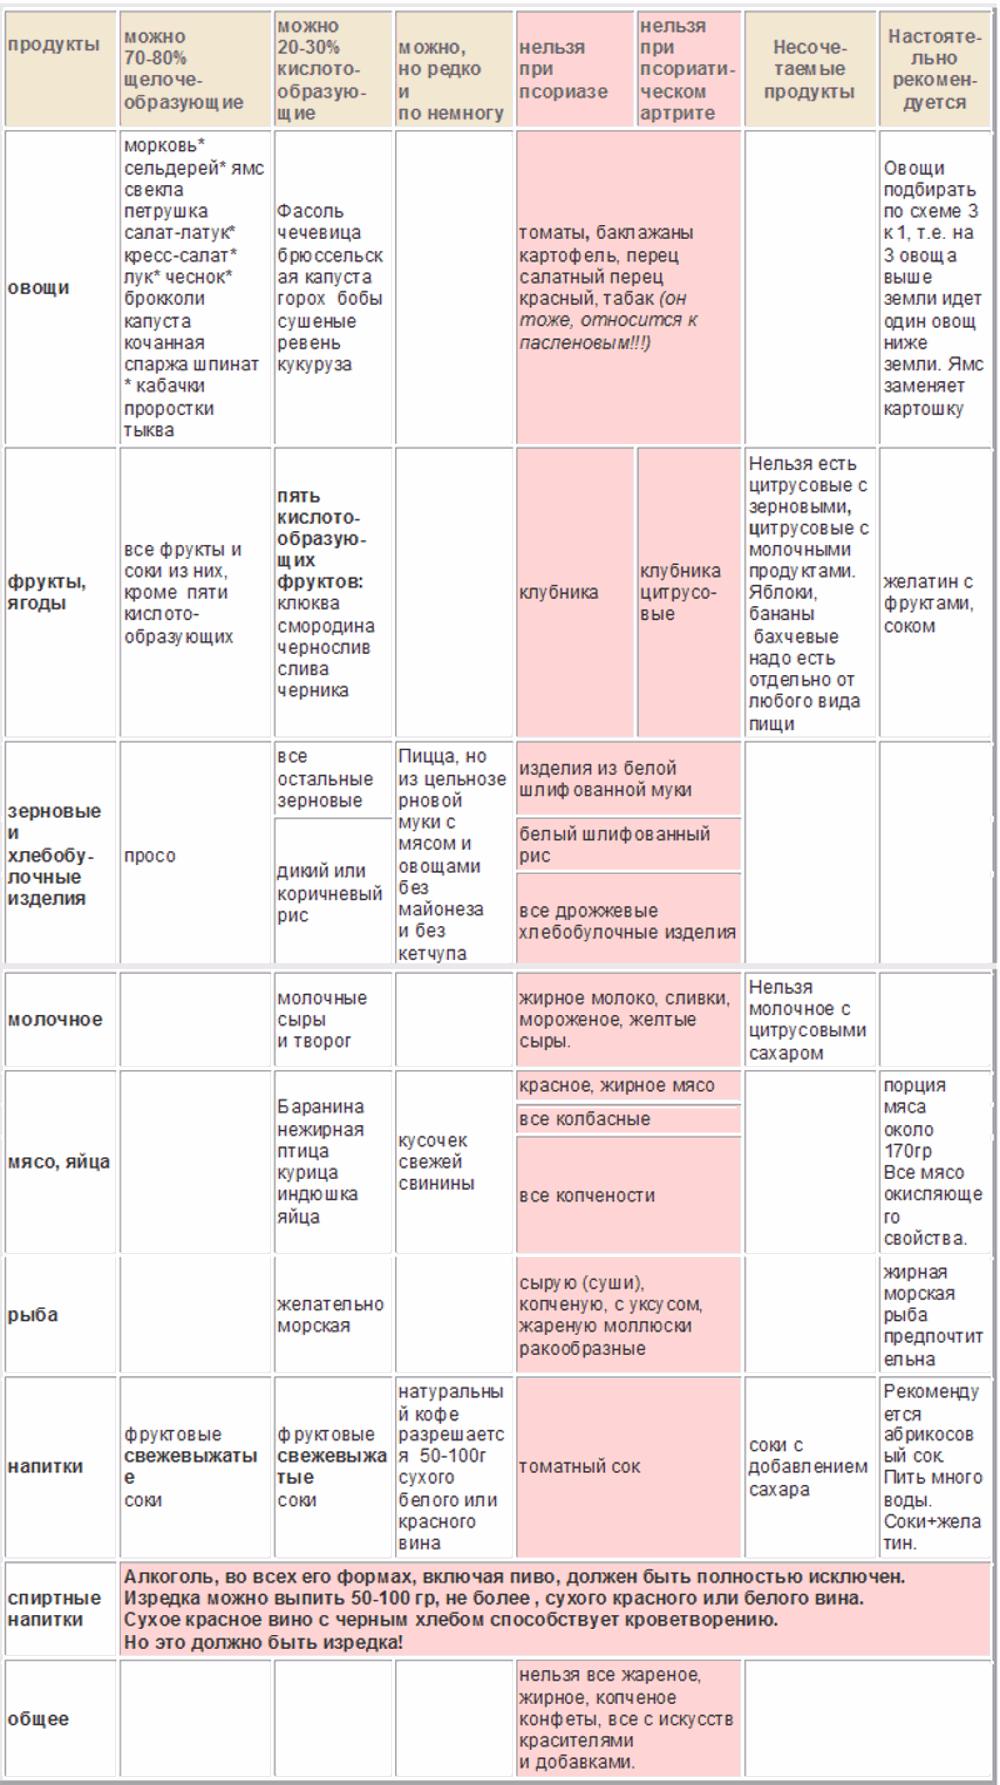 Диета После Псориаза. Диета при псориазе — рациональное питание для достижения ремиссии